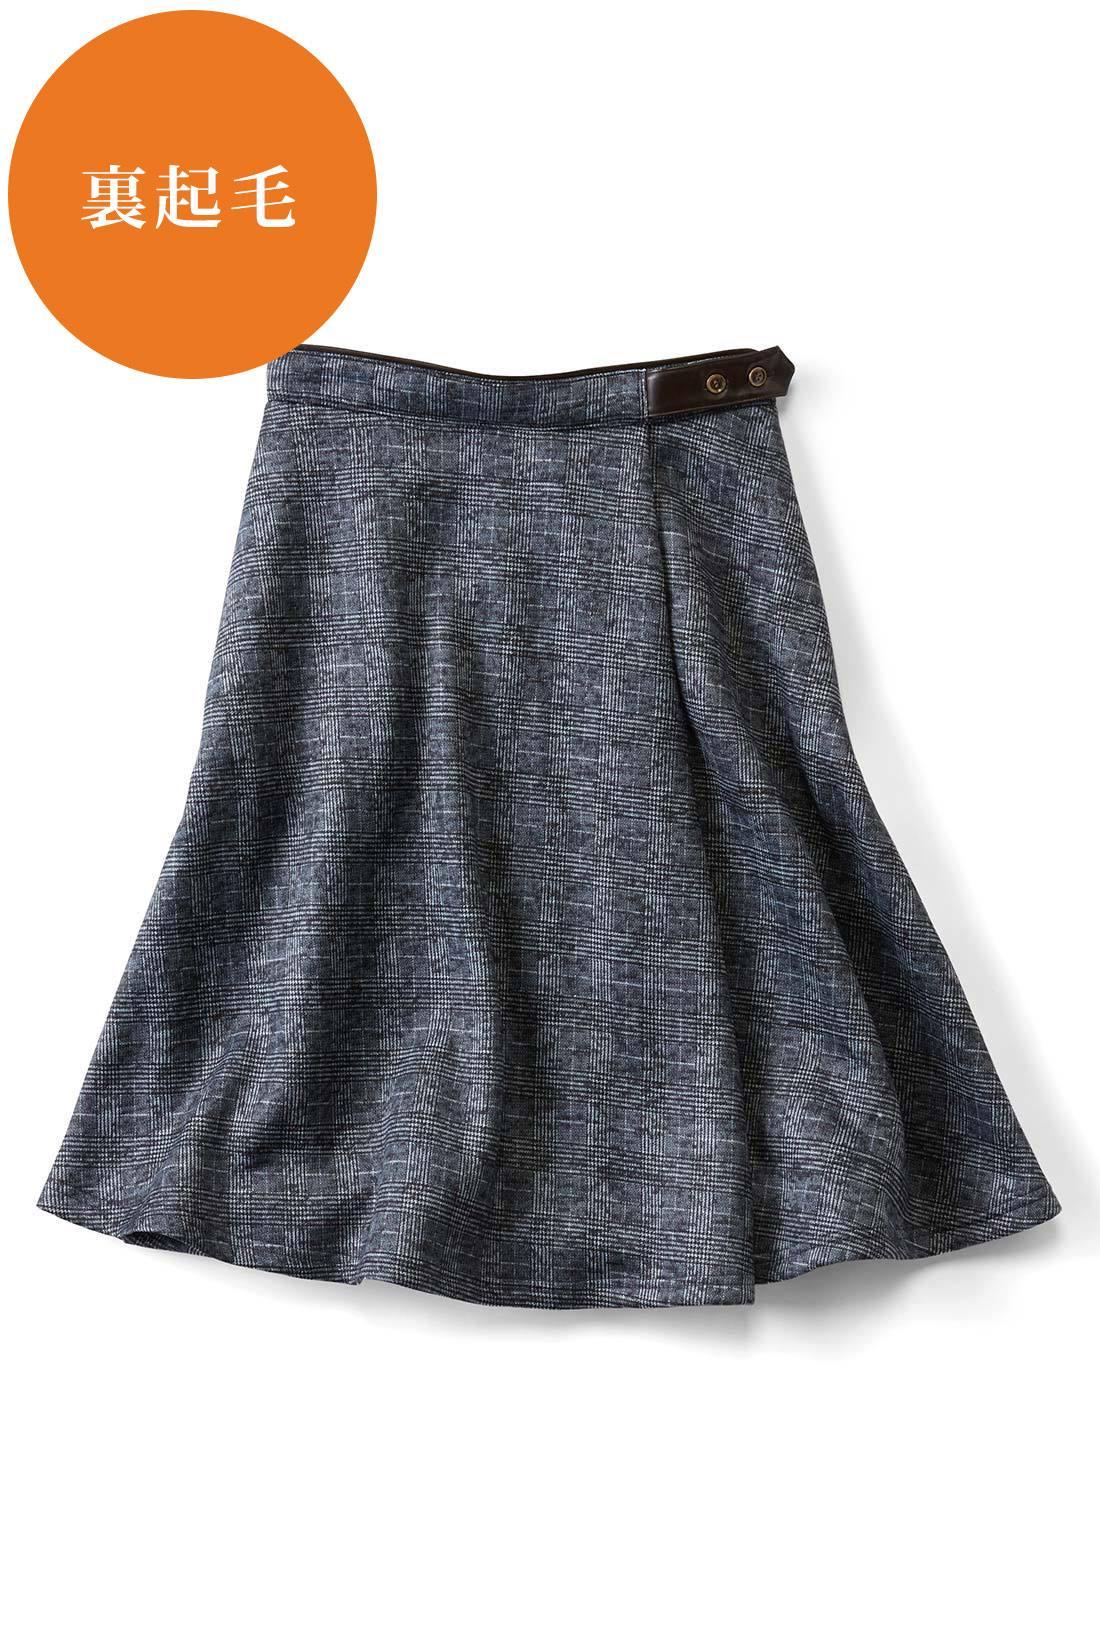 きちんと感高まる〈ダークグレーグレンチェック〉 ウエストはパイピング&飾りベルト仕様 ウエスト部分は合皮パイピングのアクセント。女っぽくトップスインするスタイルも決まるうれしいディテール。 右サイドには便利なポケット。